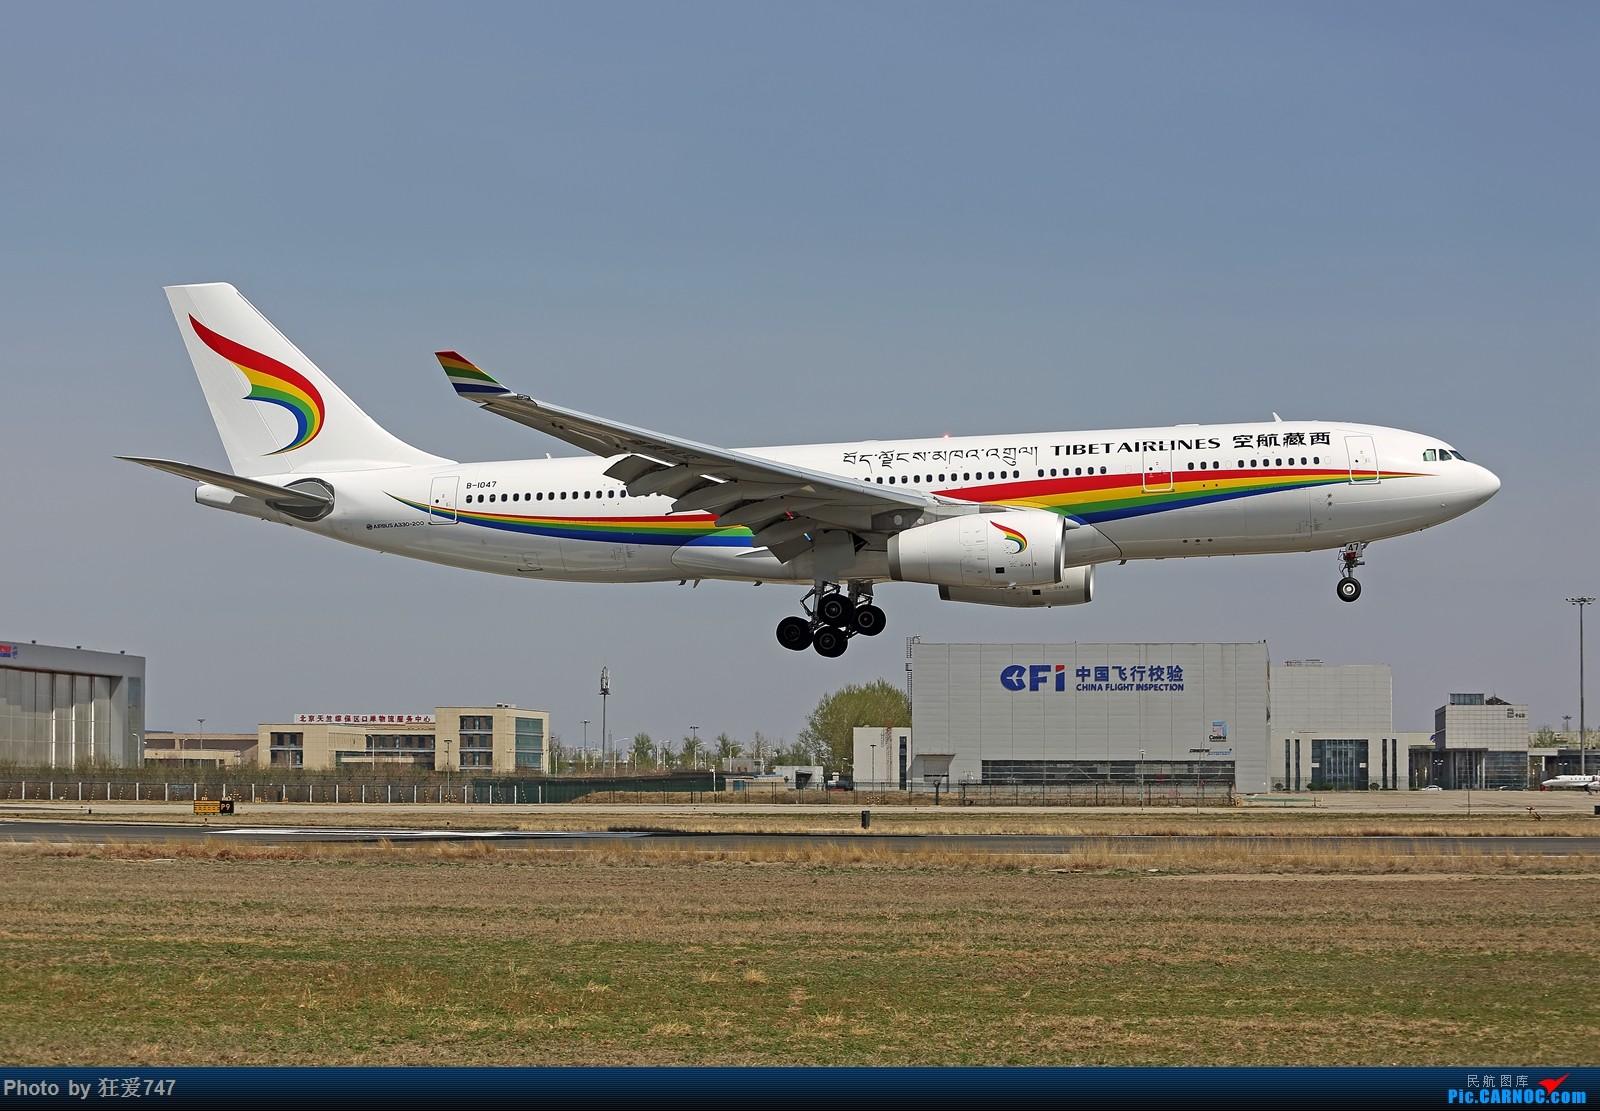 一张图:西藏航空空客330 AIRBUS A330-200 B-1047 中国北京首都国际机场